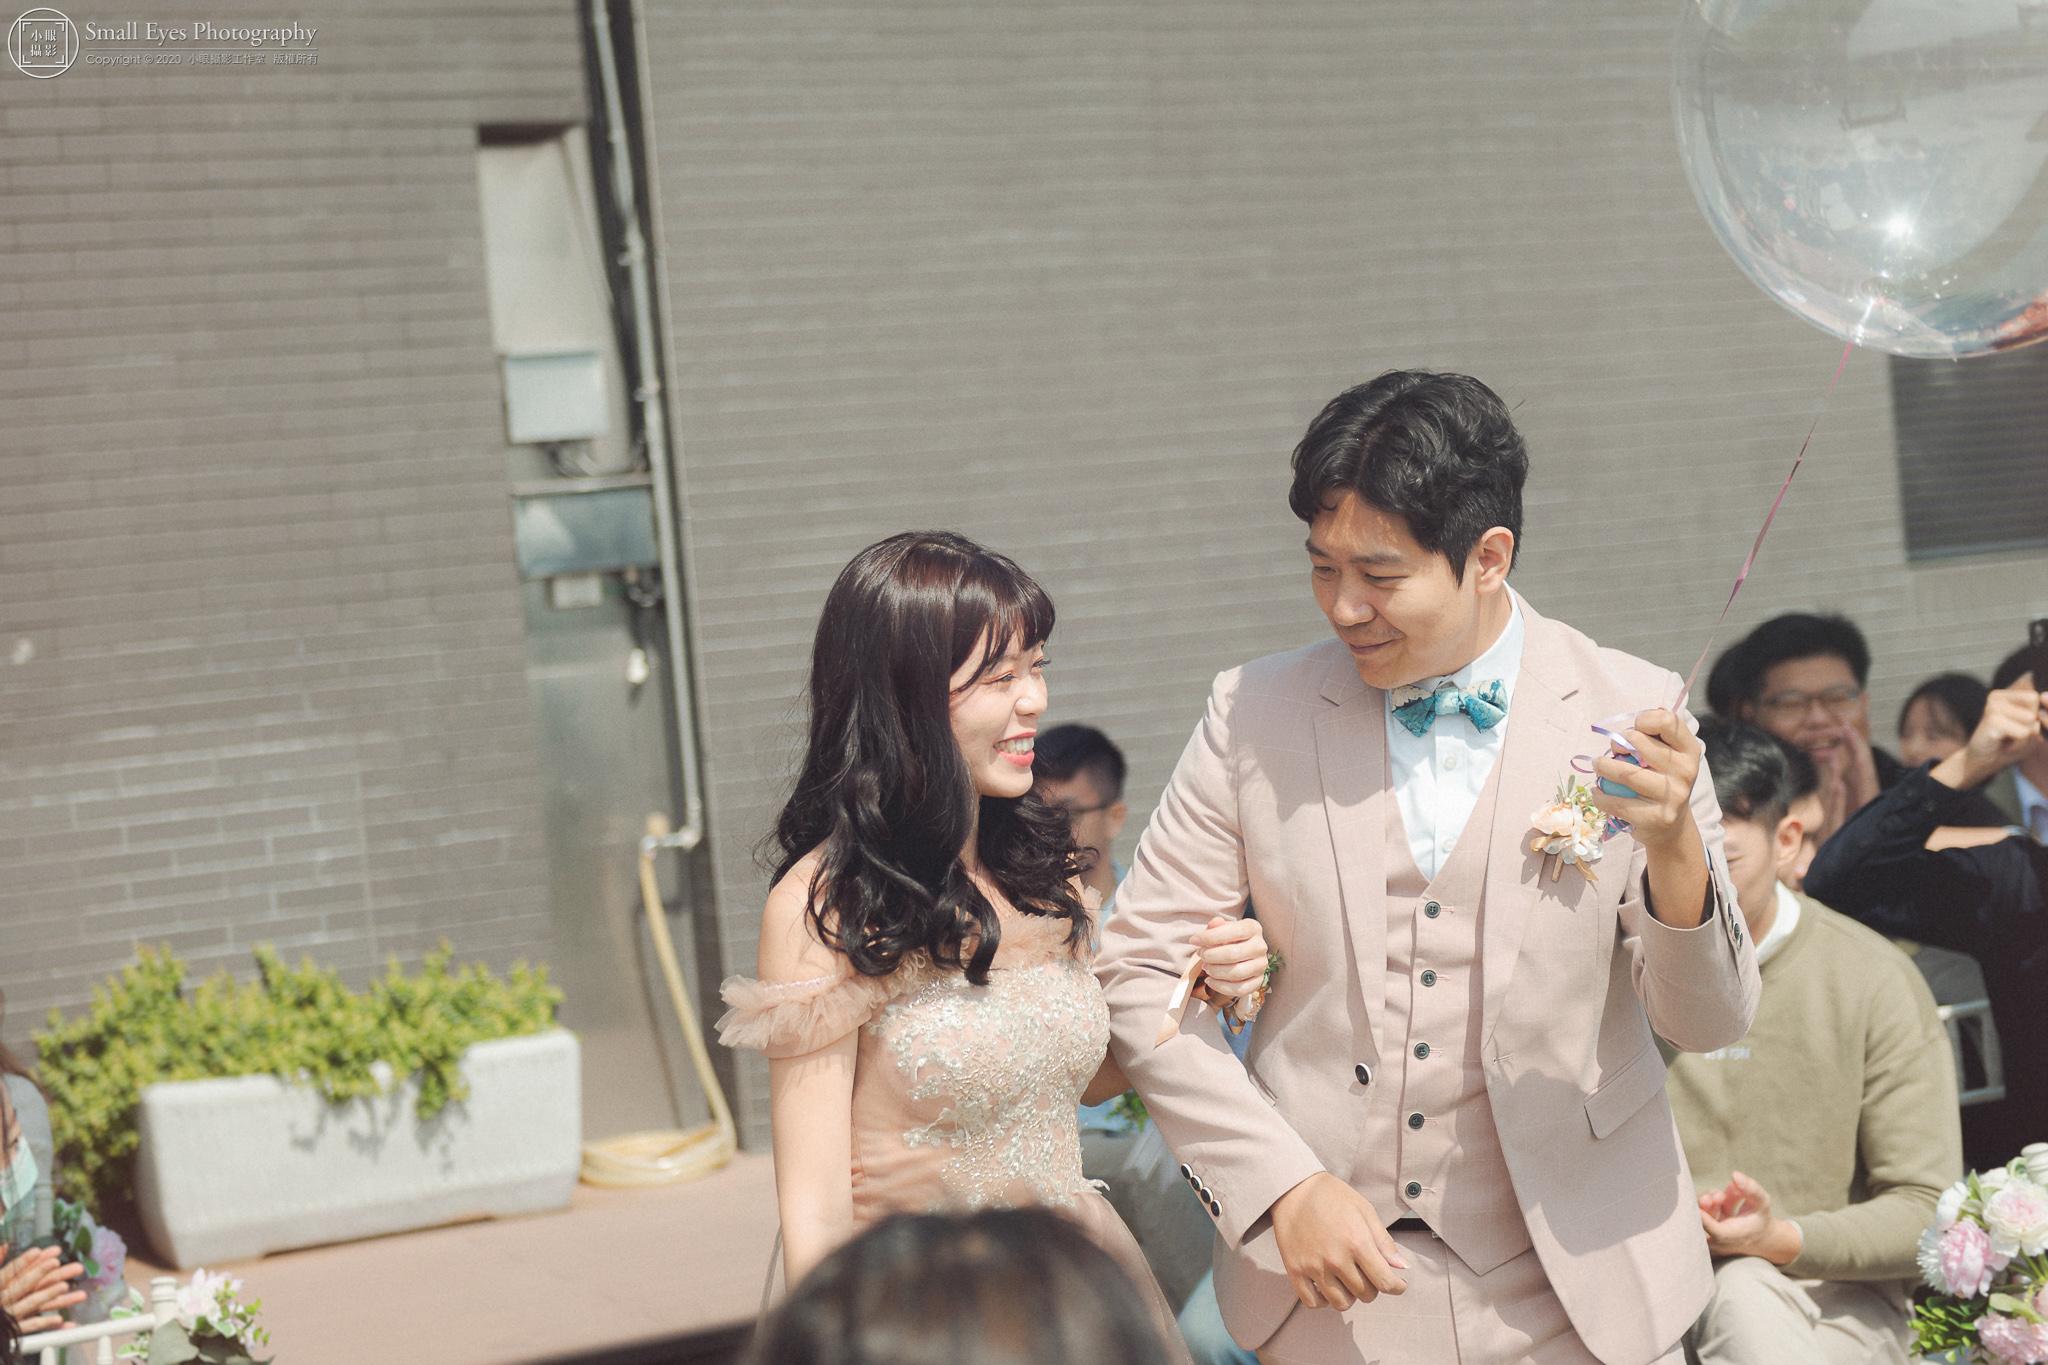 小眼攝影,傅祐承,婚禮攝影,婚攝,婚禮紀實,婚禮紀錄,貳月婚紗,新秘瓜瓜,迎娶,台北,格萊天漾